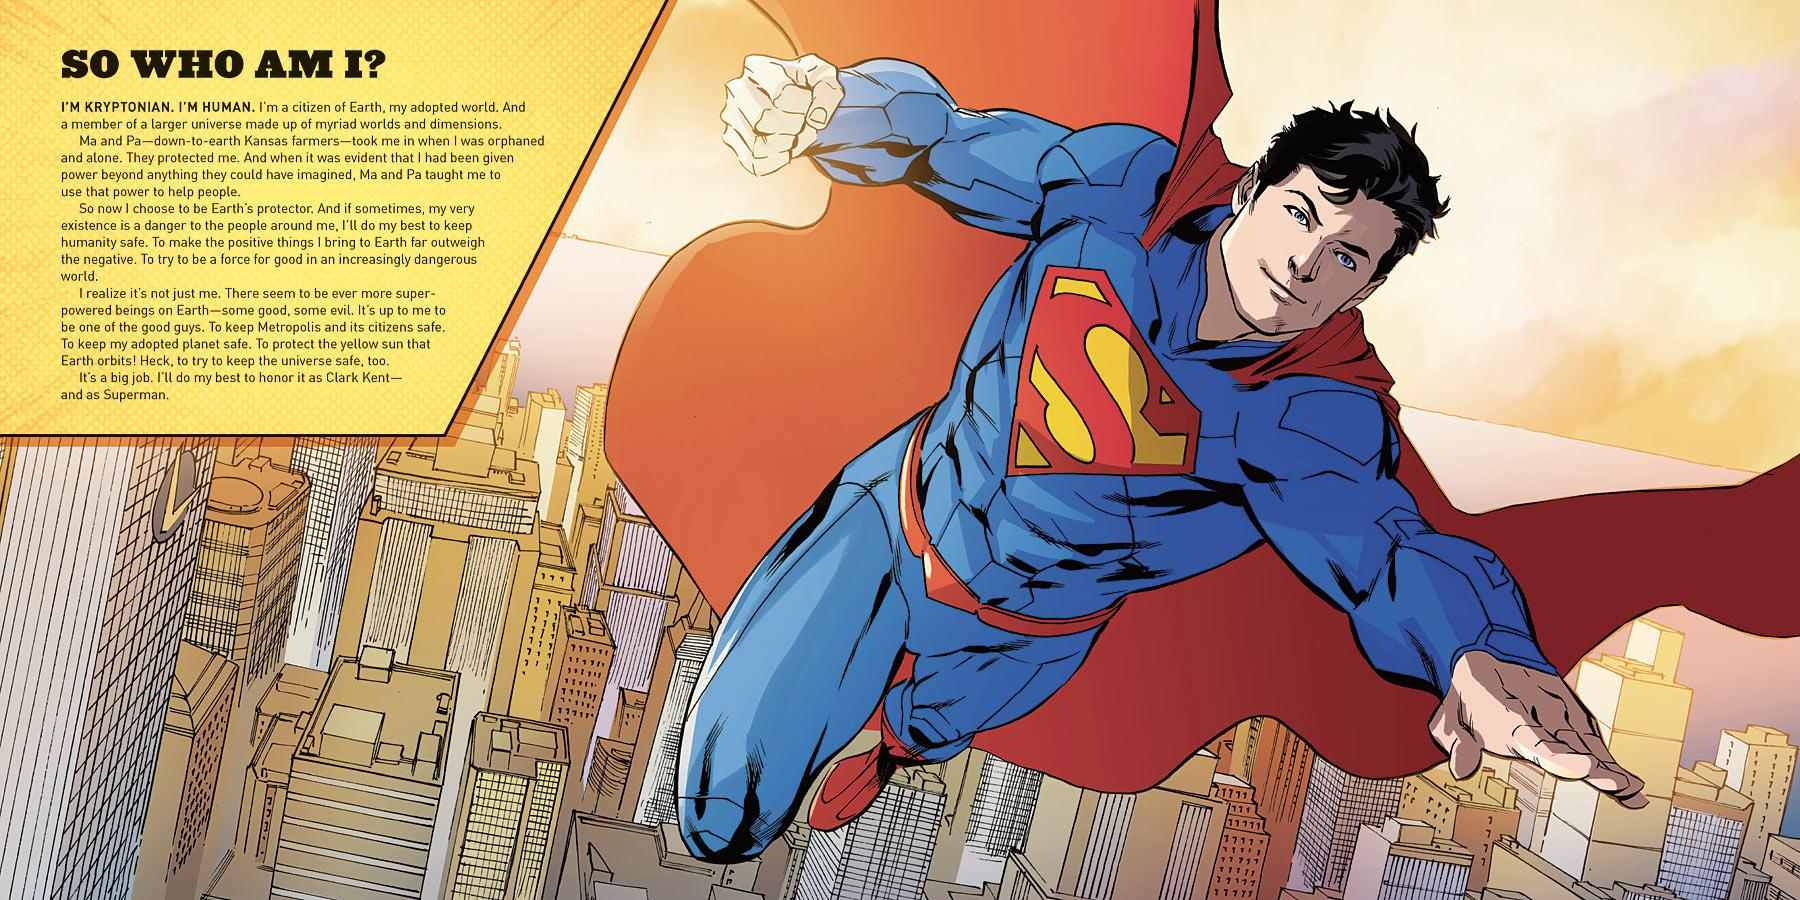 WAT-Superman-Page-62-fb0a5.jpg